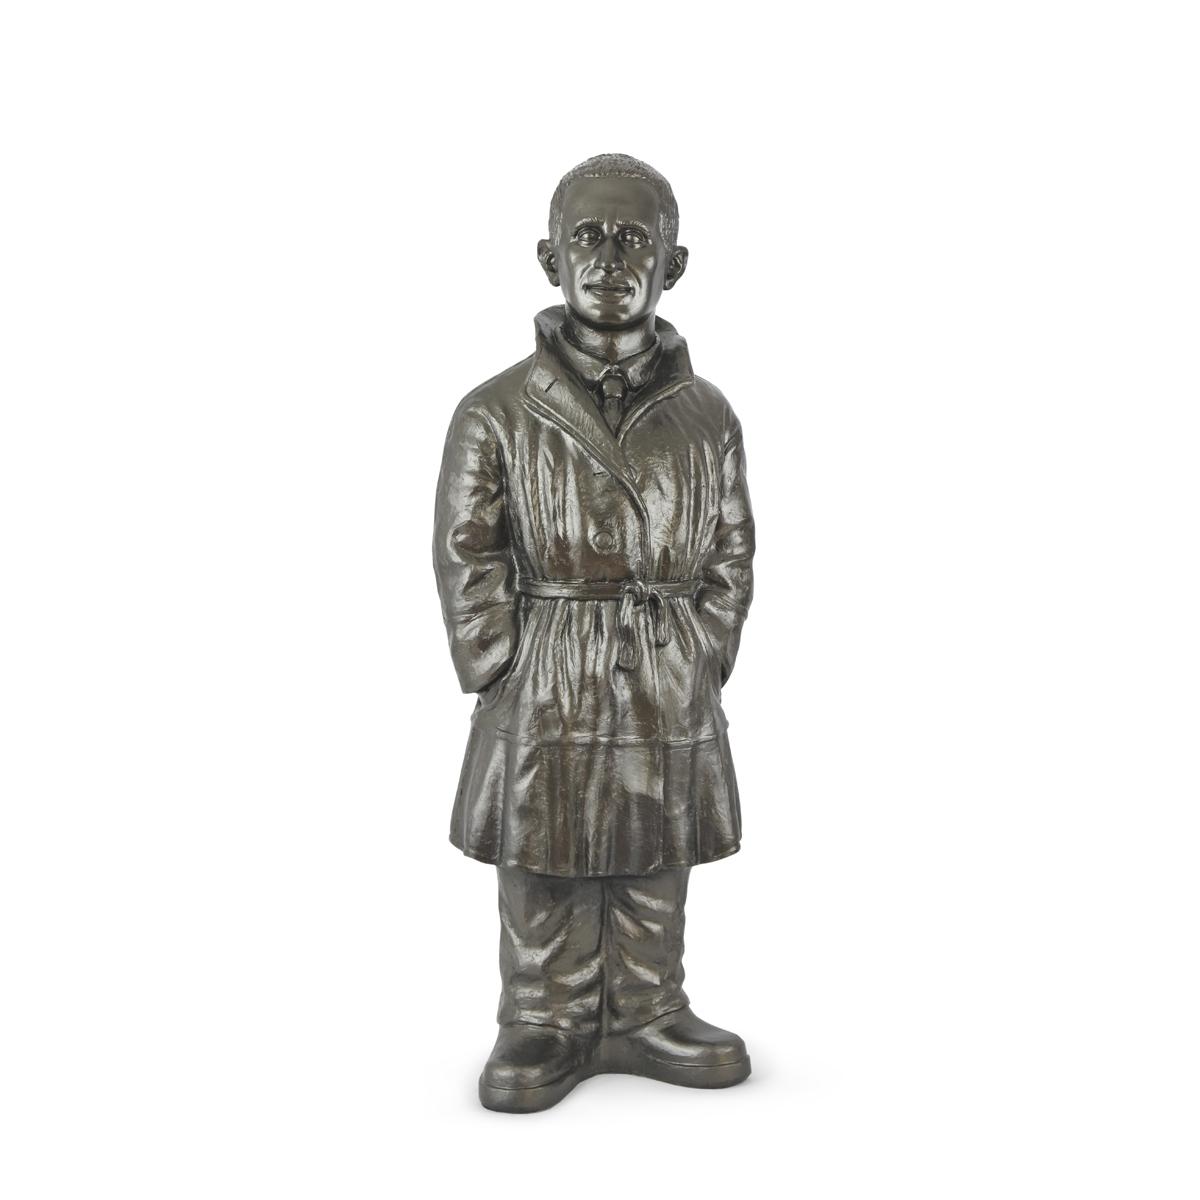 Bertolt Brecht - 2019 - bronze - signiert